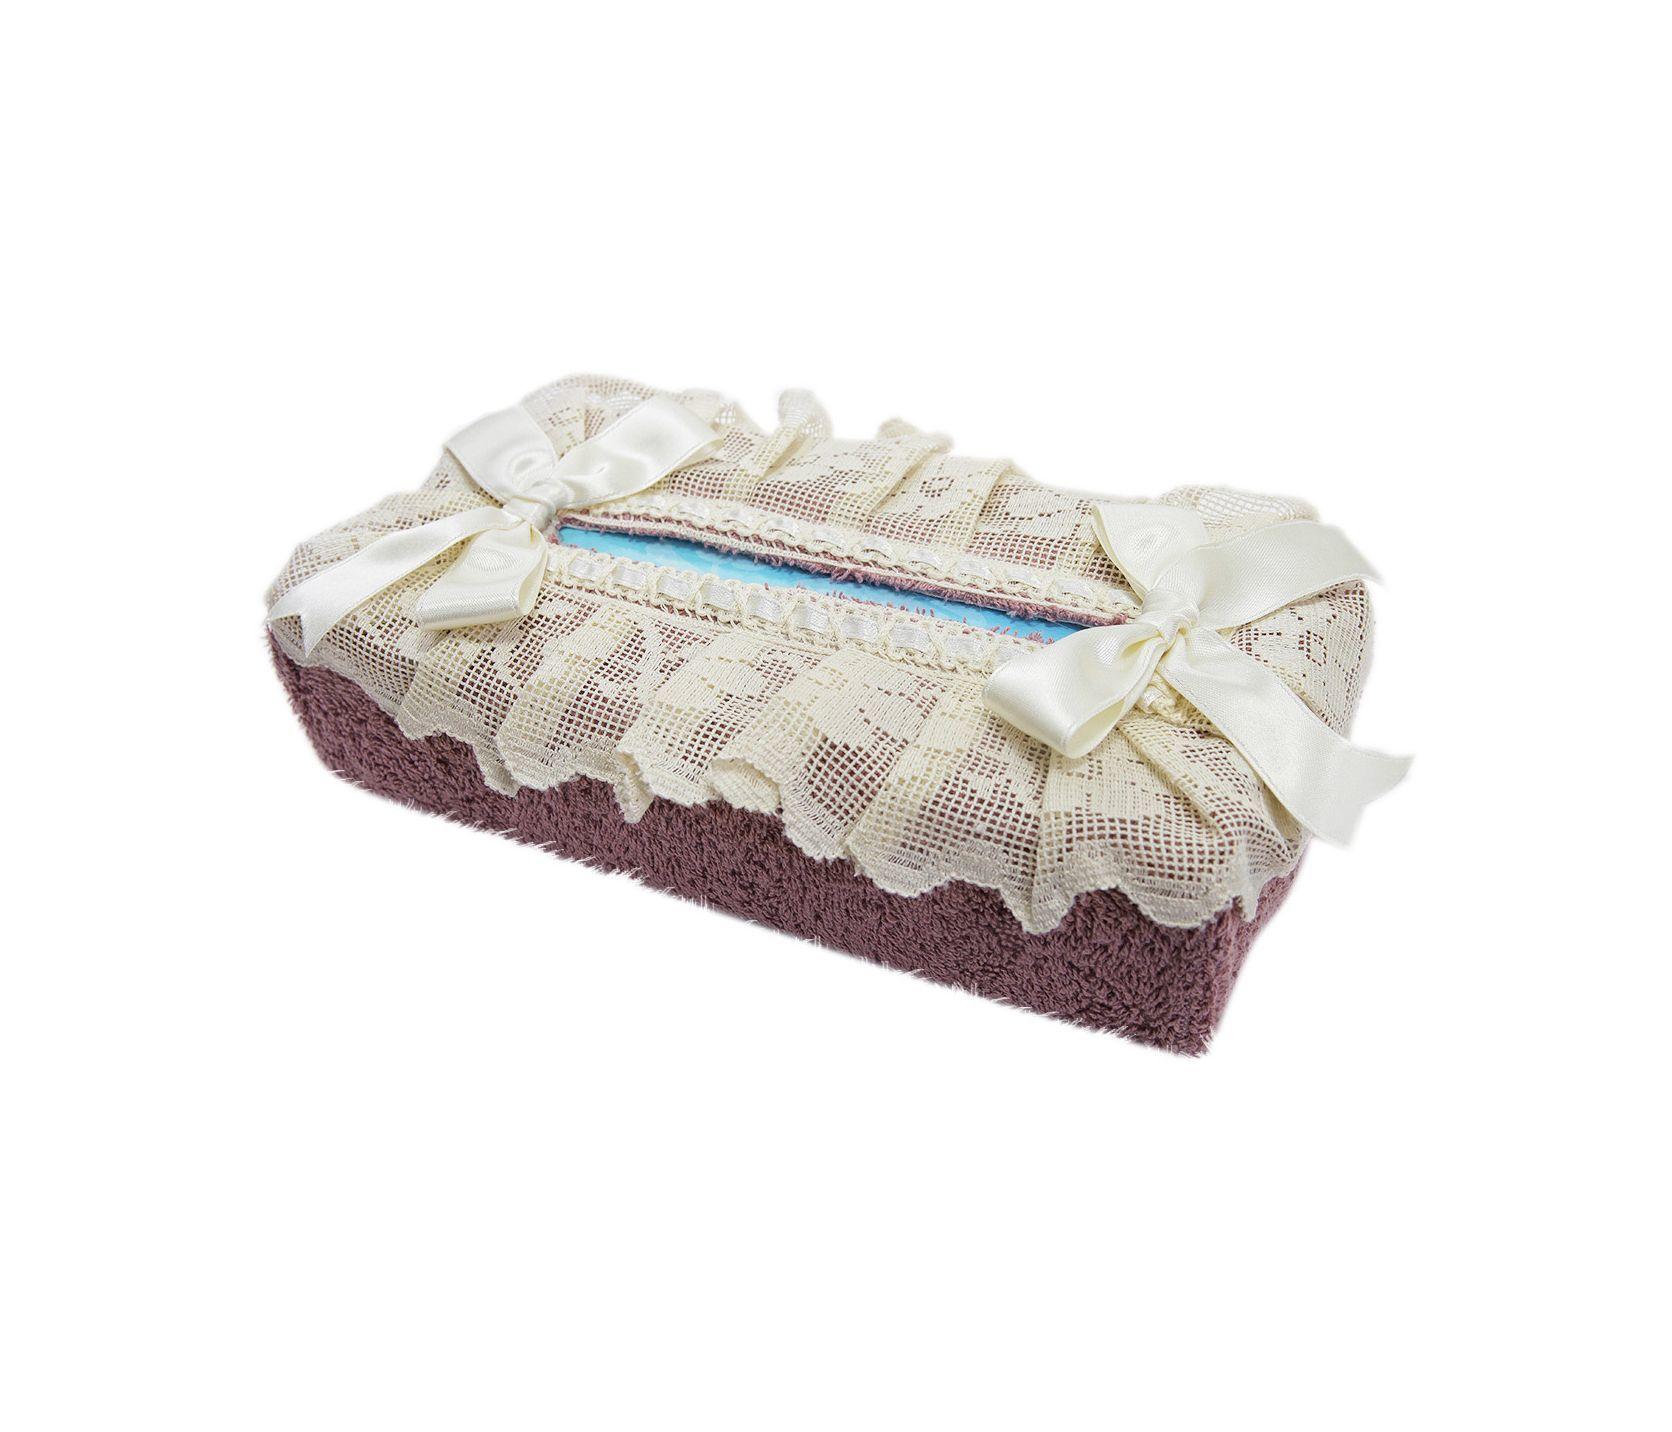 Салфетницы Салфетница для бумажных полотенец 12х24 Old Florence Buratto розовая salfetnitsa-dlya-bumazhnyh-polotenets-buratto-ot-old-florence-italiya-tsvet-rozovyy.jpg